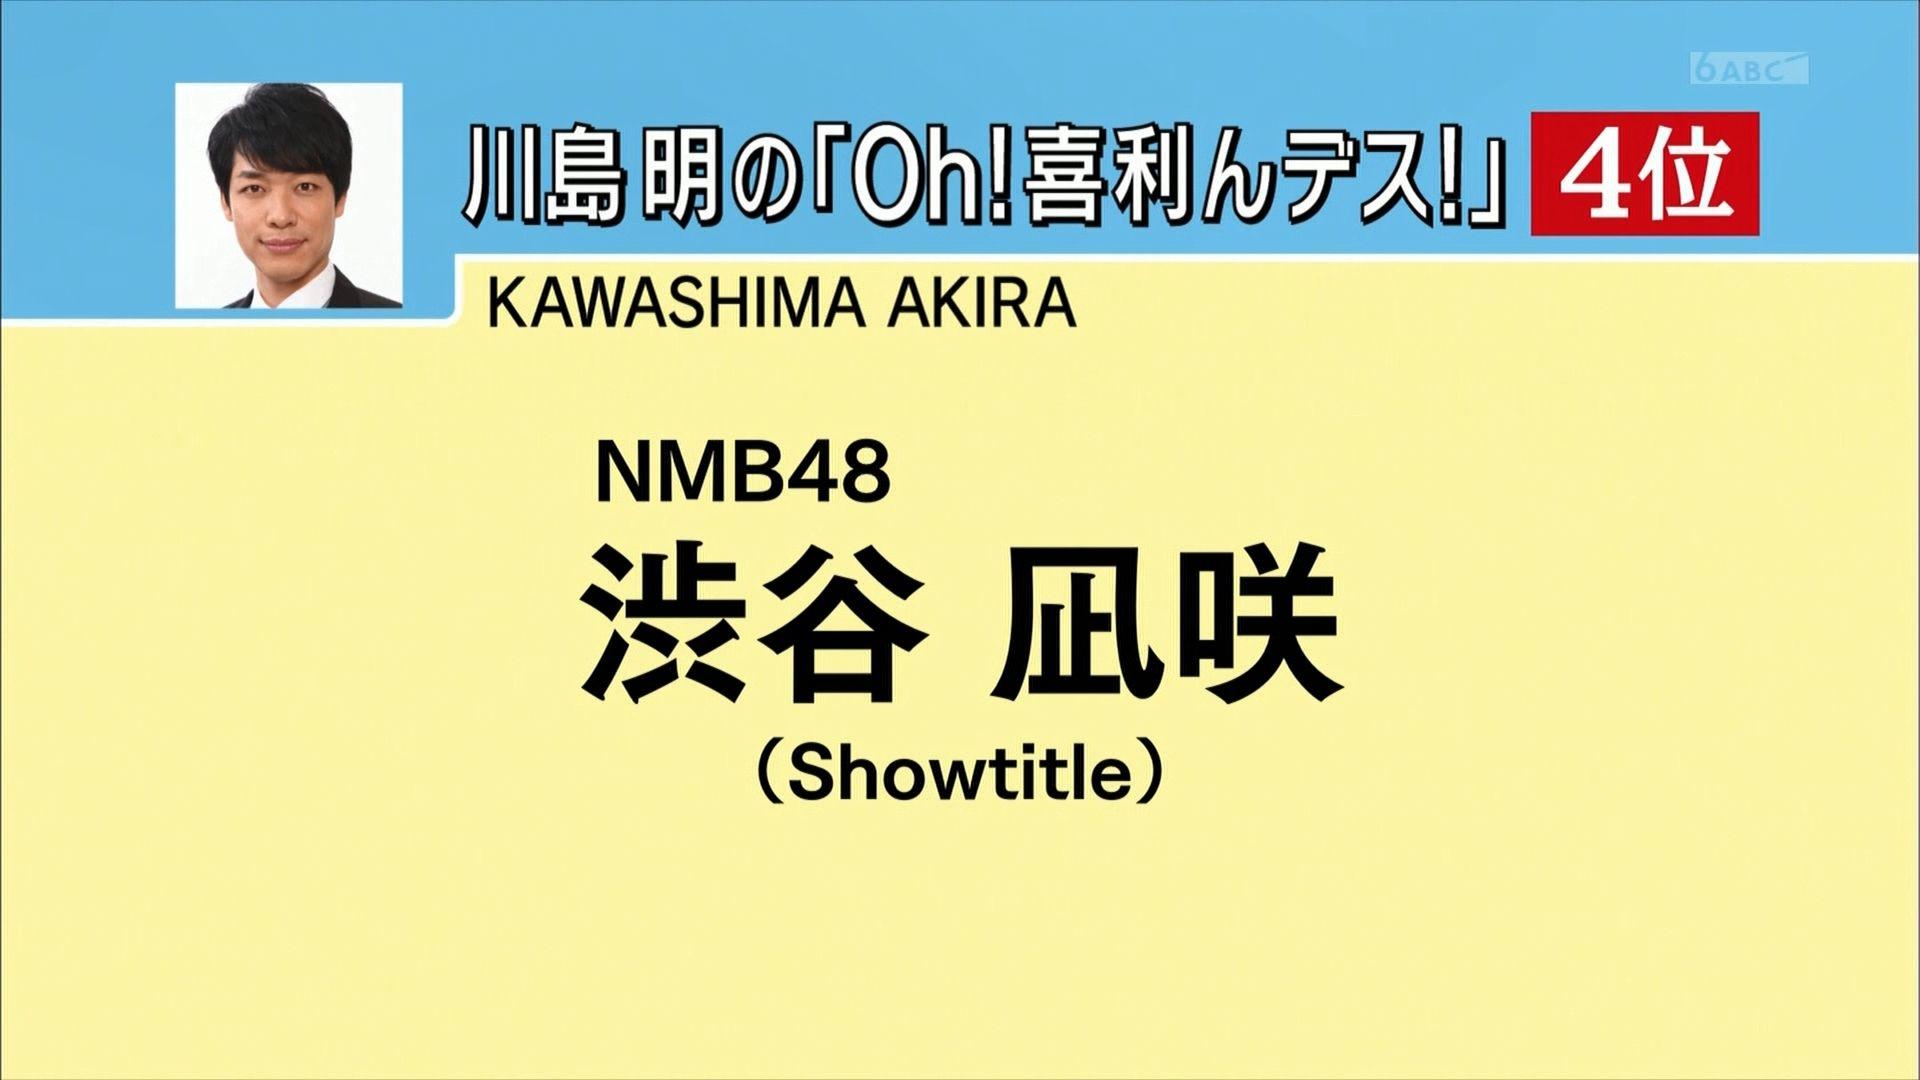 【渋谷凪咲】アメトーーク『芸人ドラフト会議』で麒麟・川島さんがなぎさを4位指名